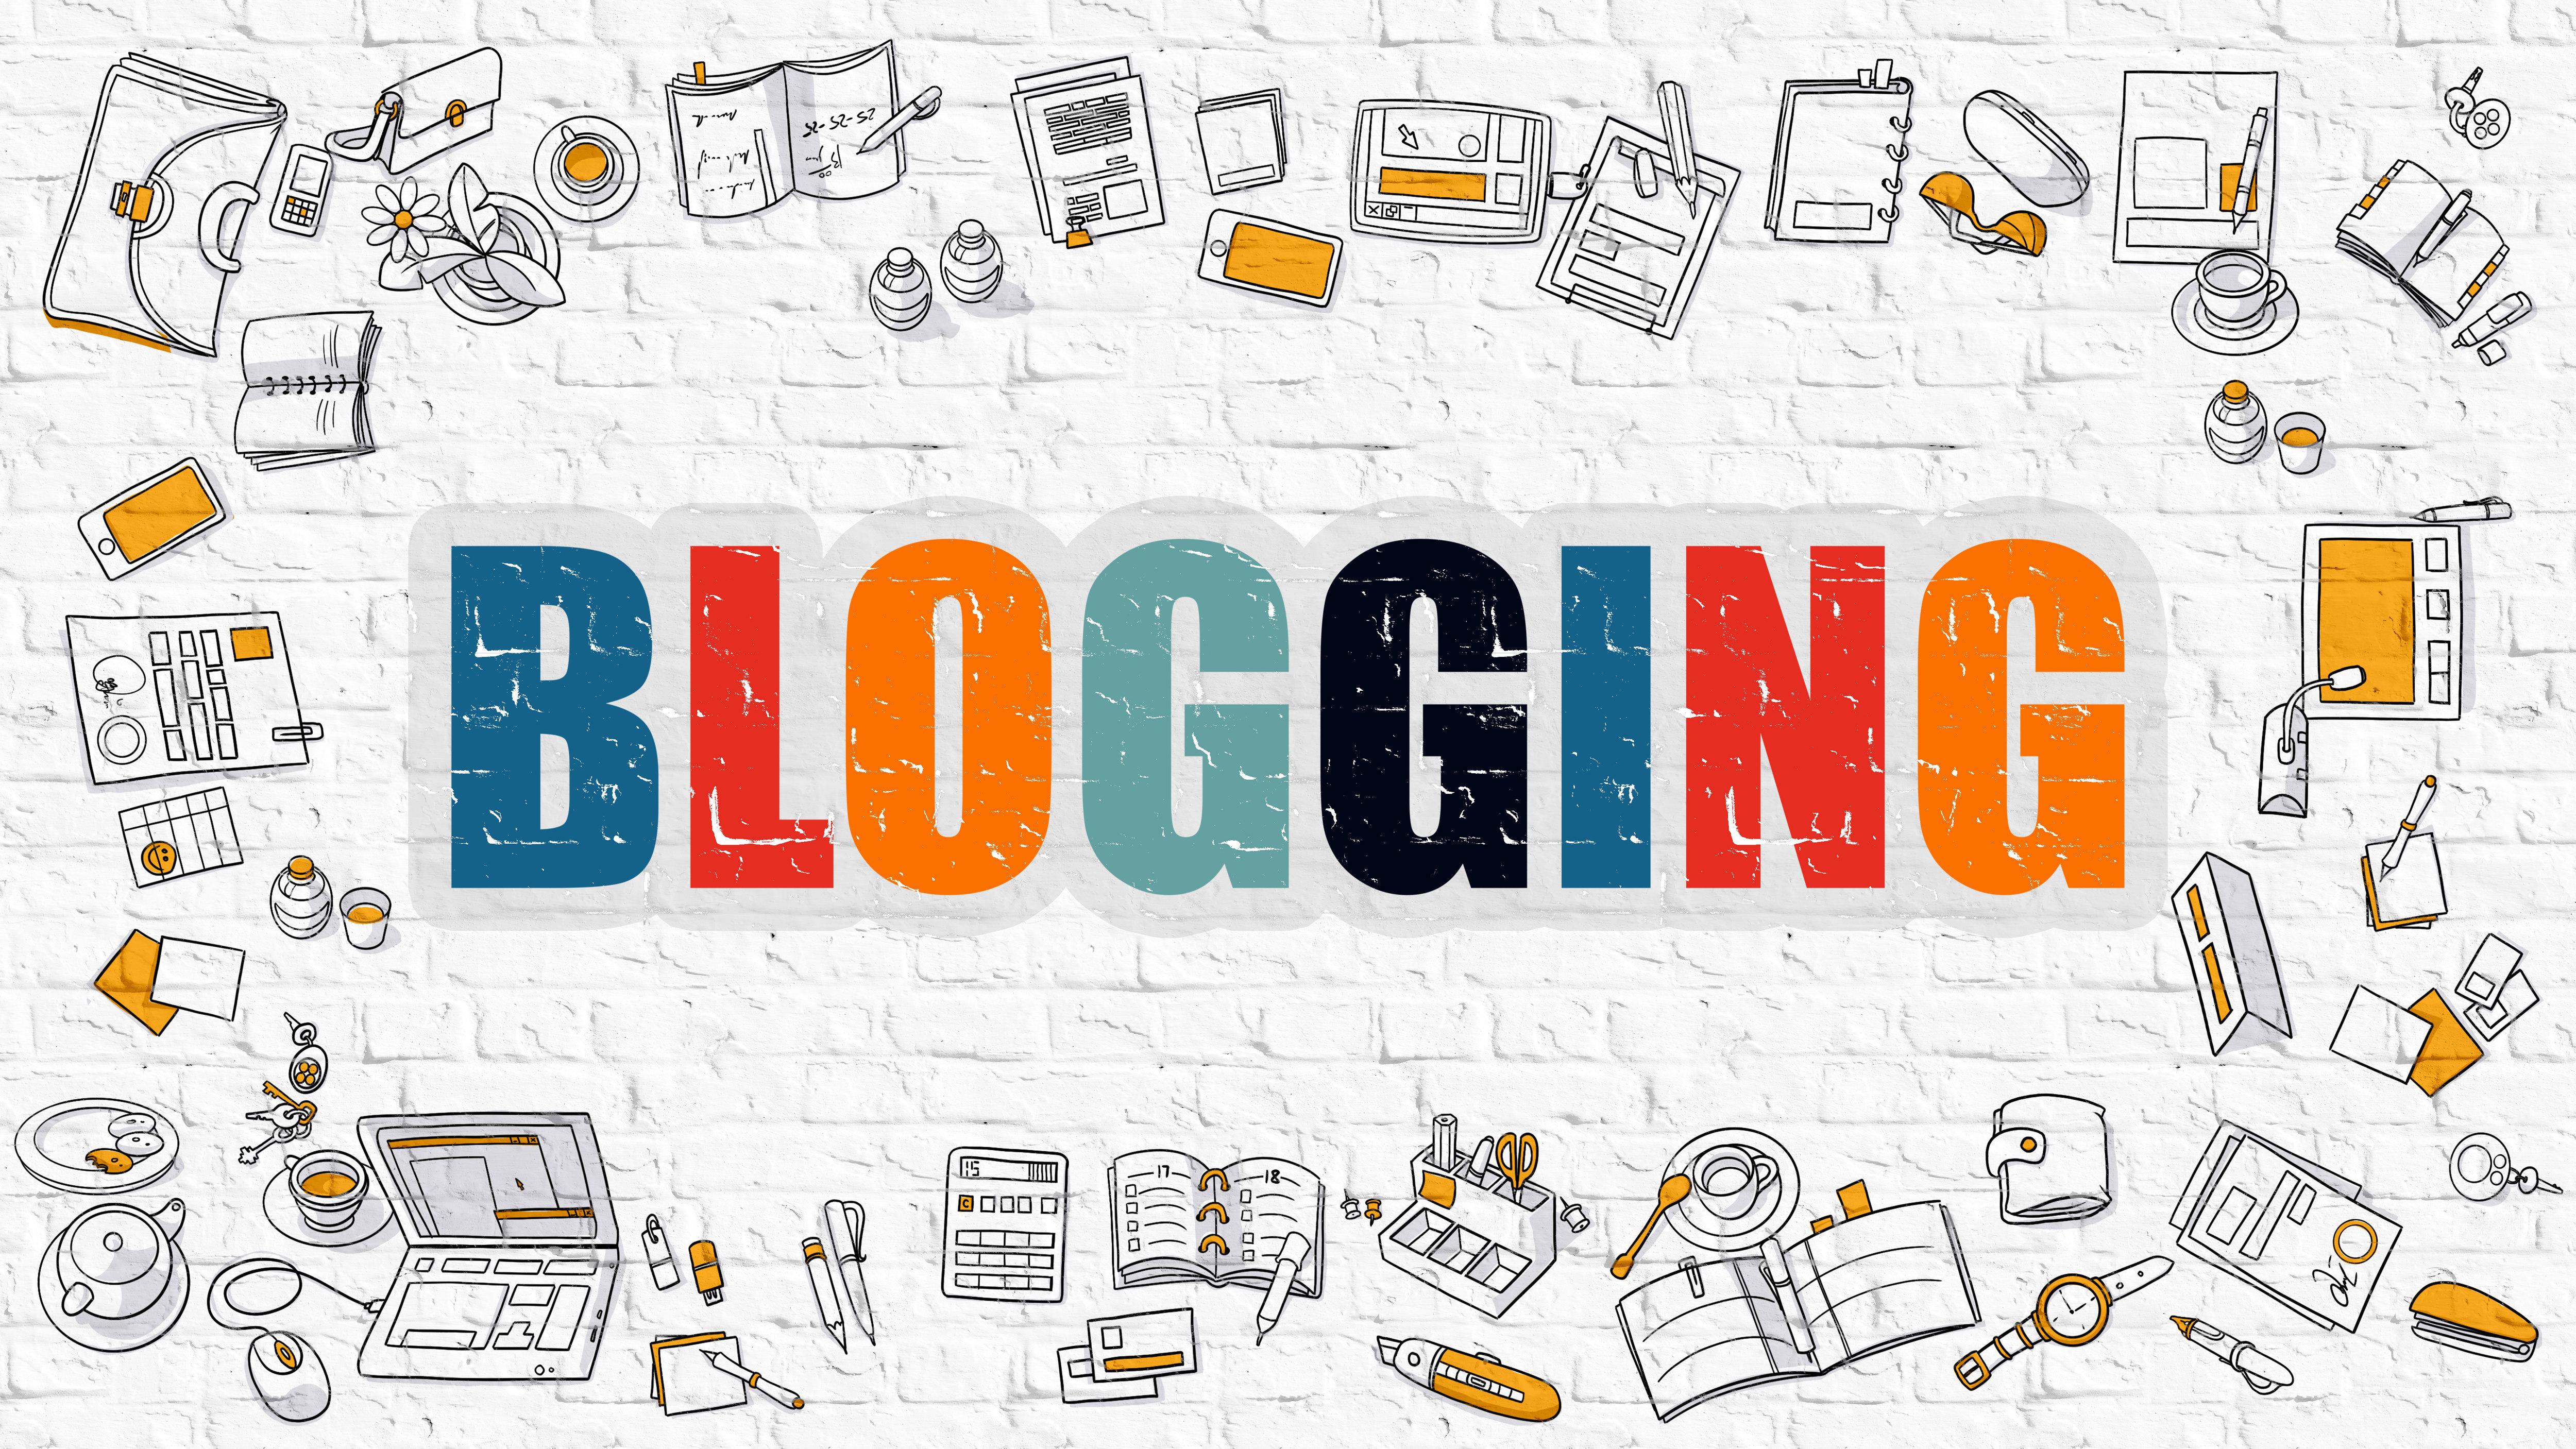 Devo traduzir o meu blog corporativo?